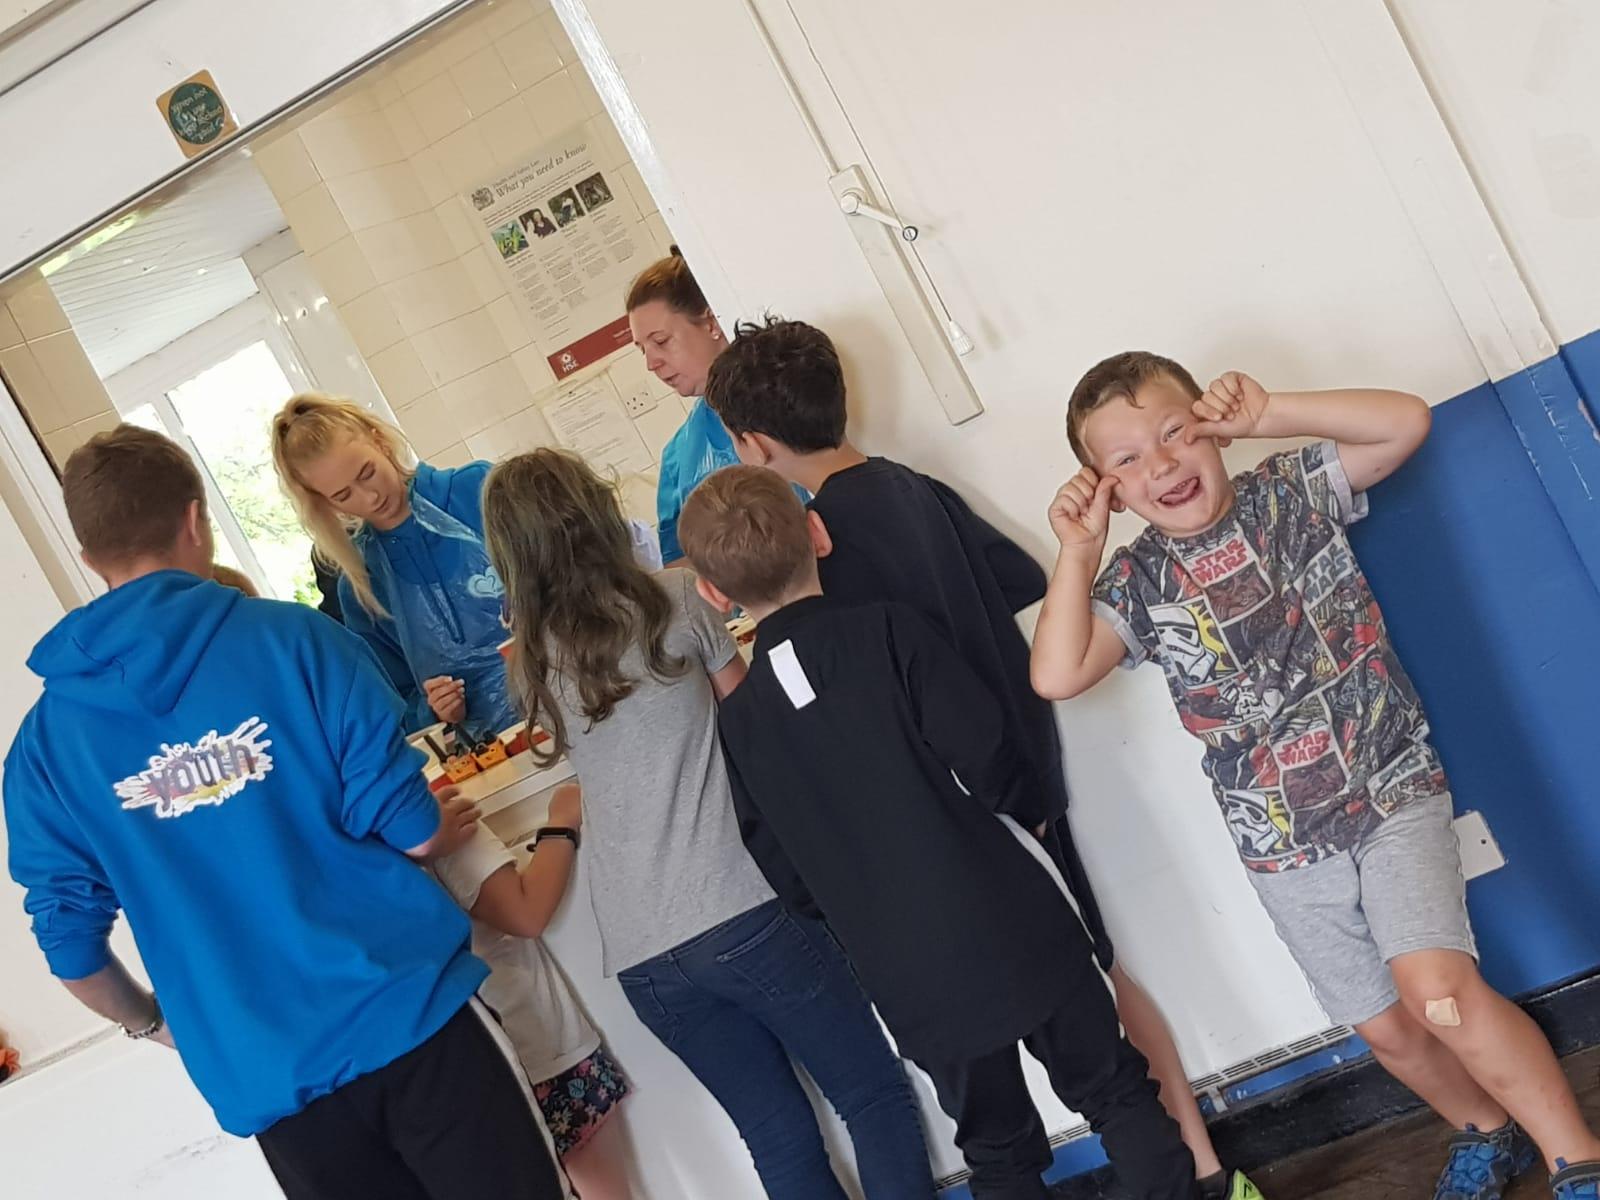 children being served food